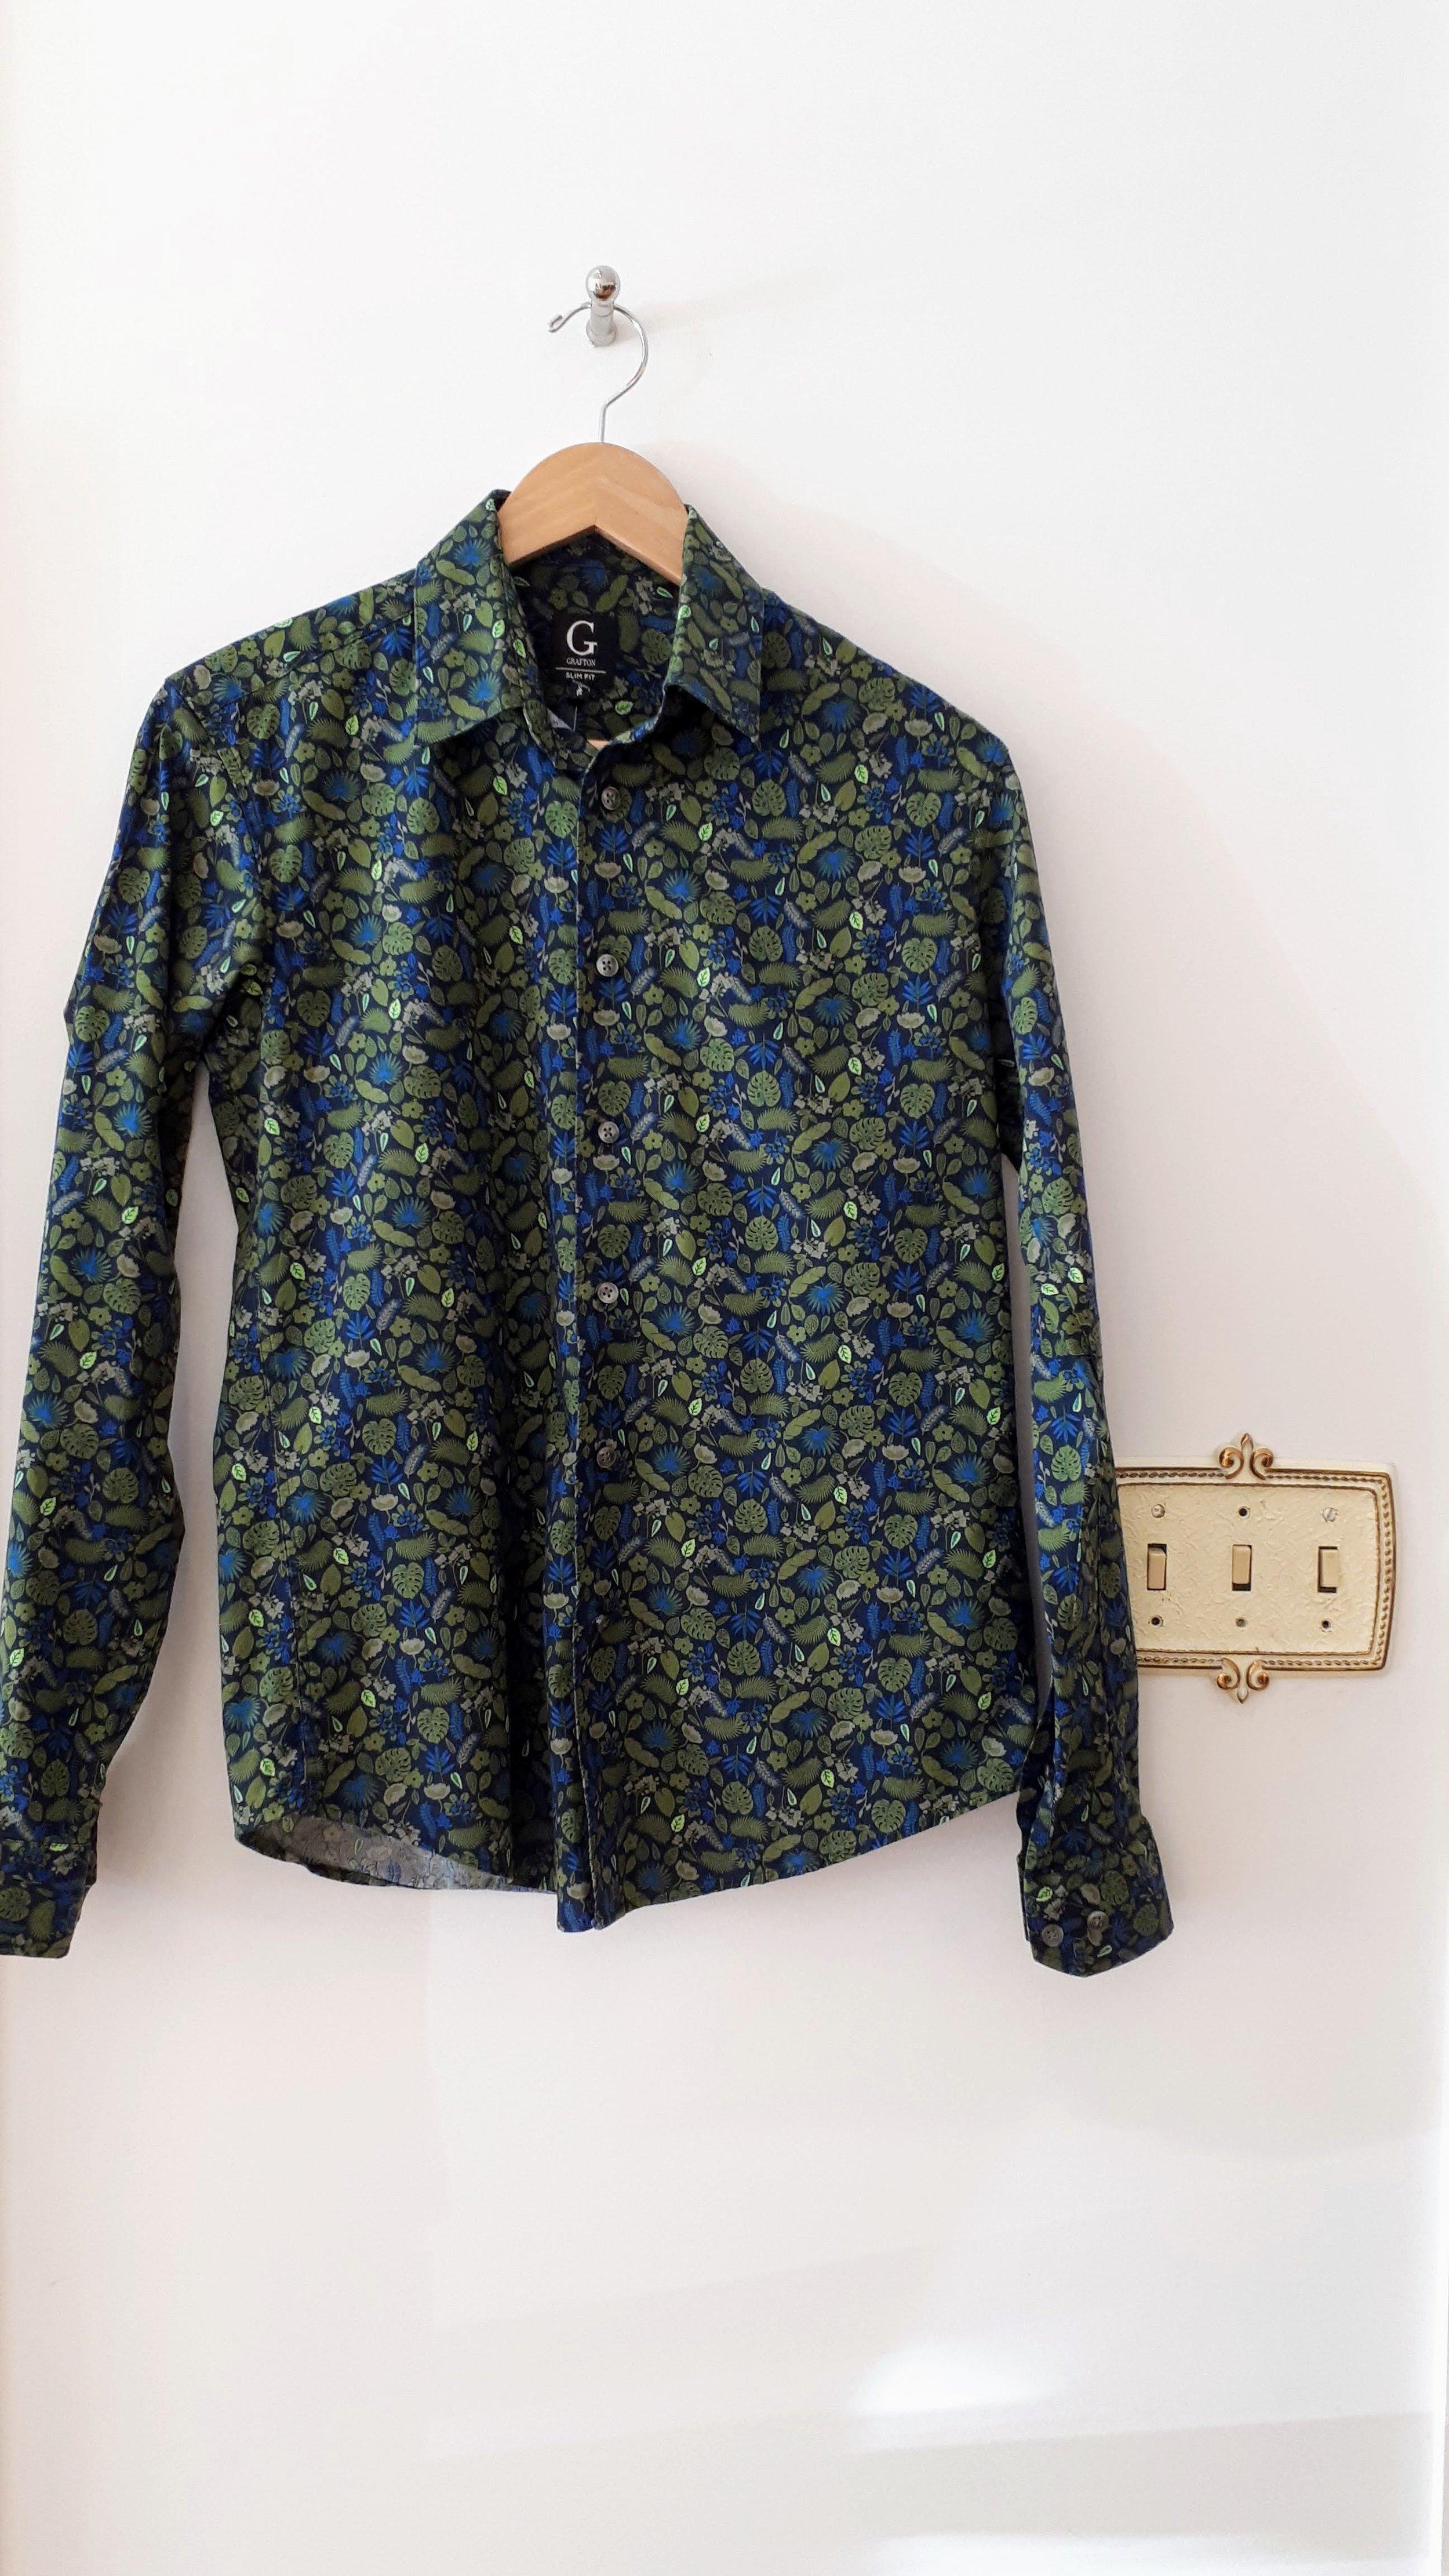 Grafton shirt; Size S, $24